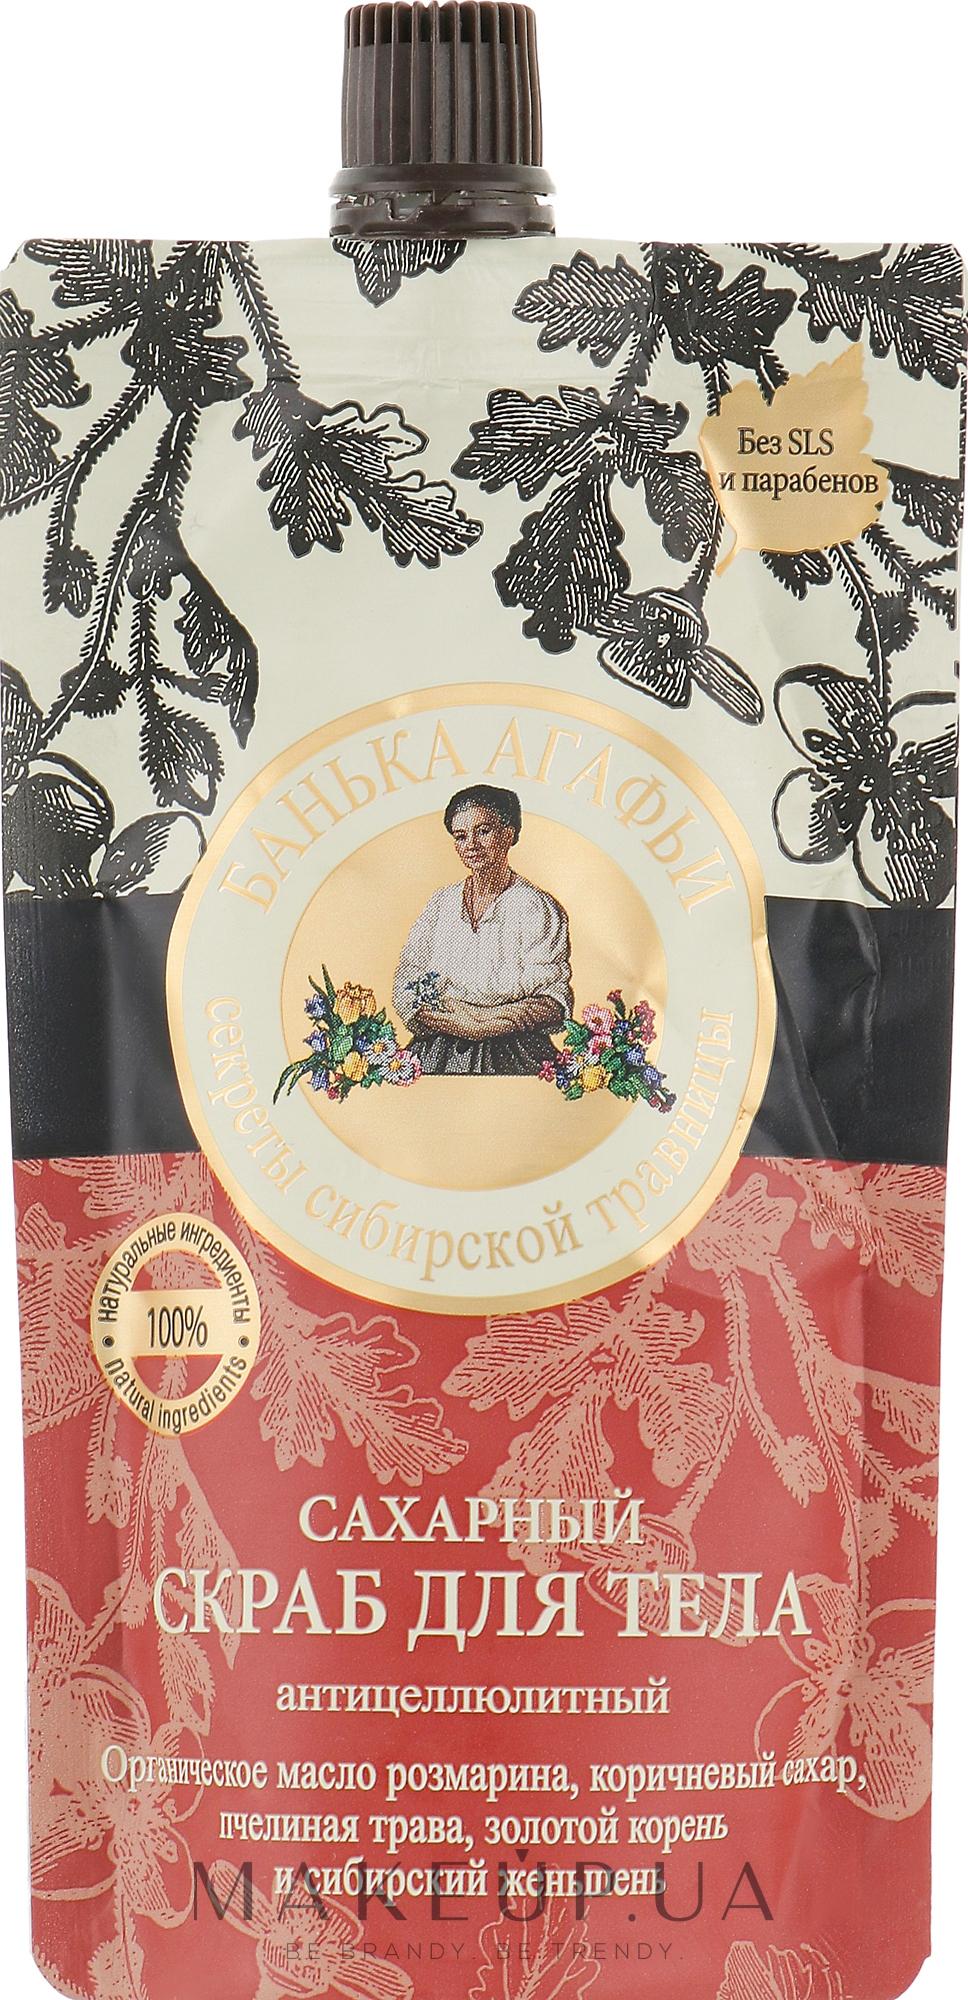 Косметика рецепты бабушки агафьи купить в украине купить косметика париж берлин